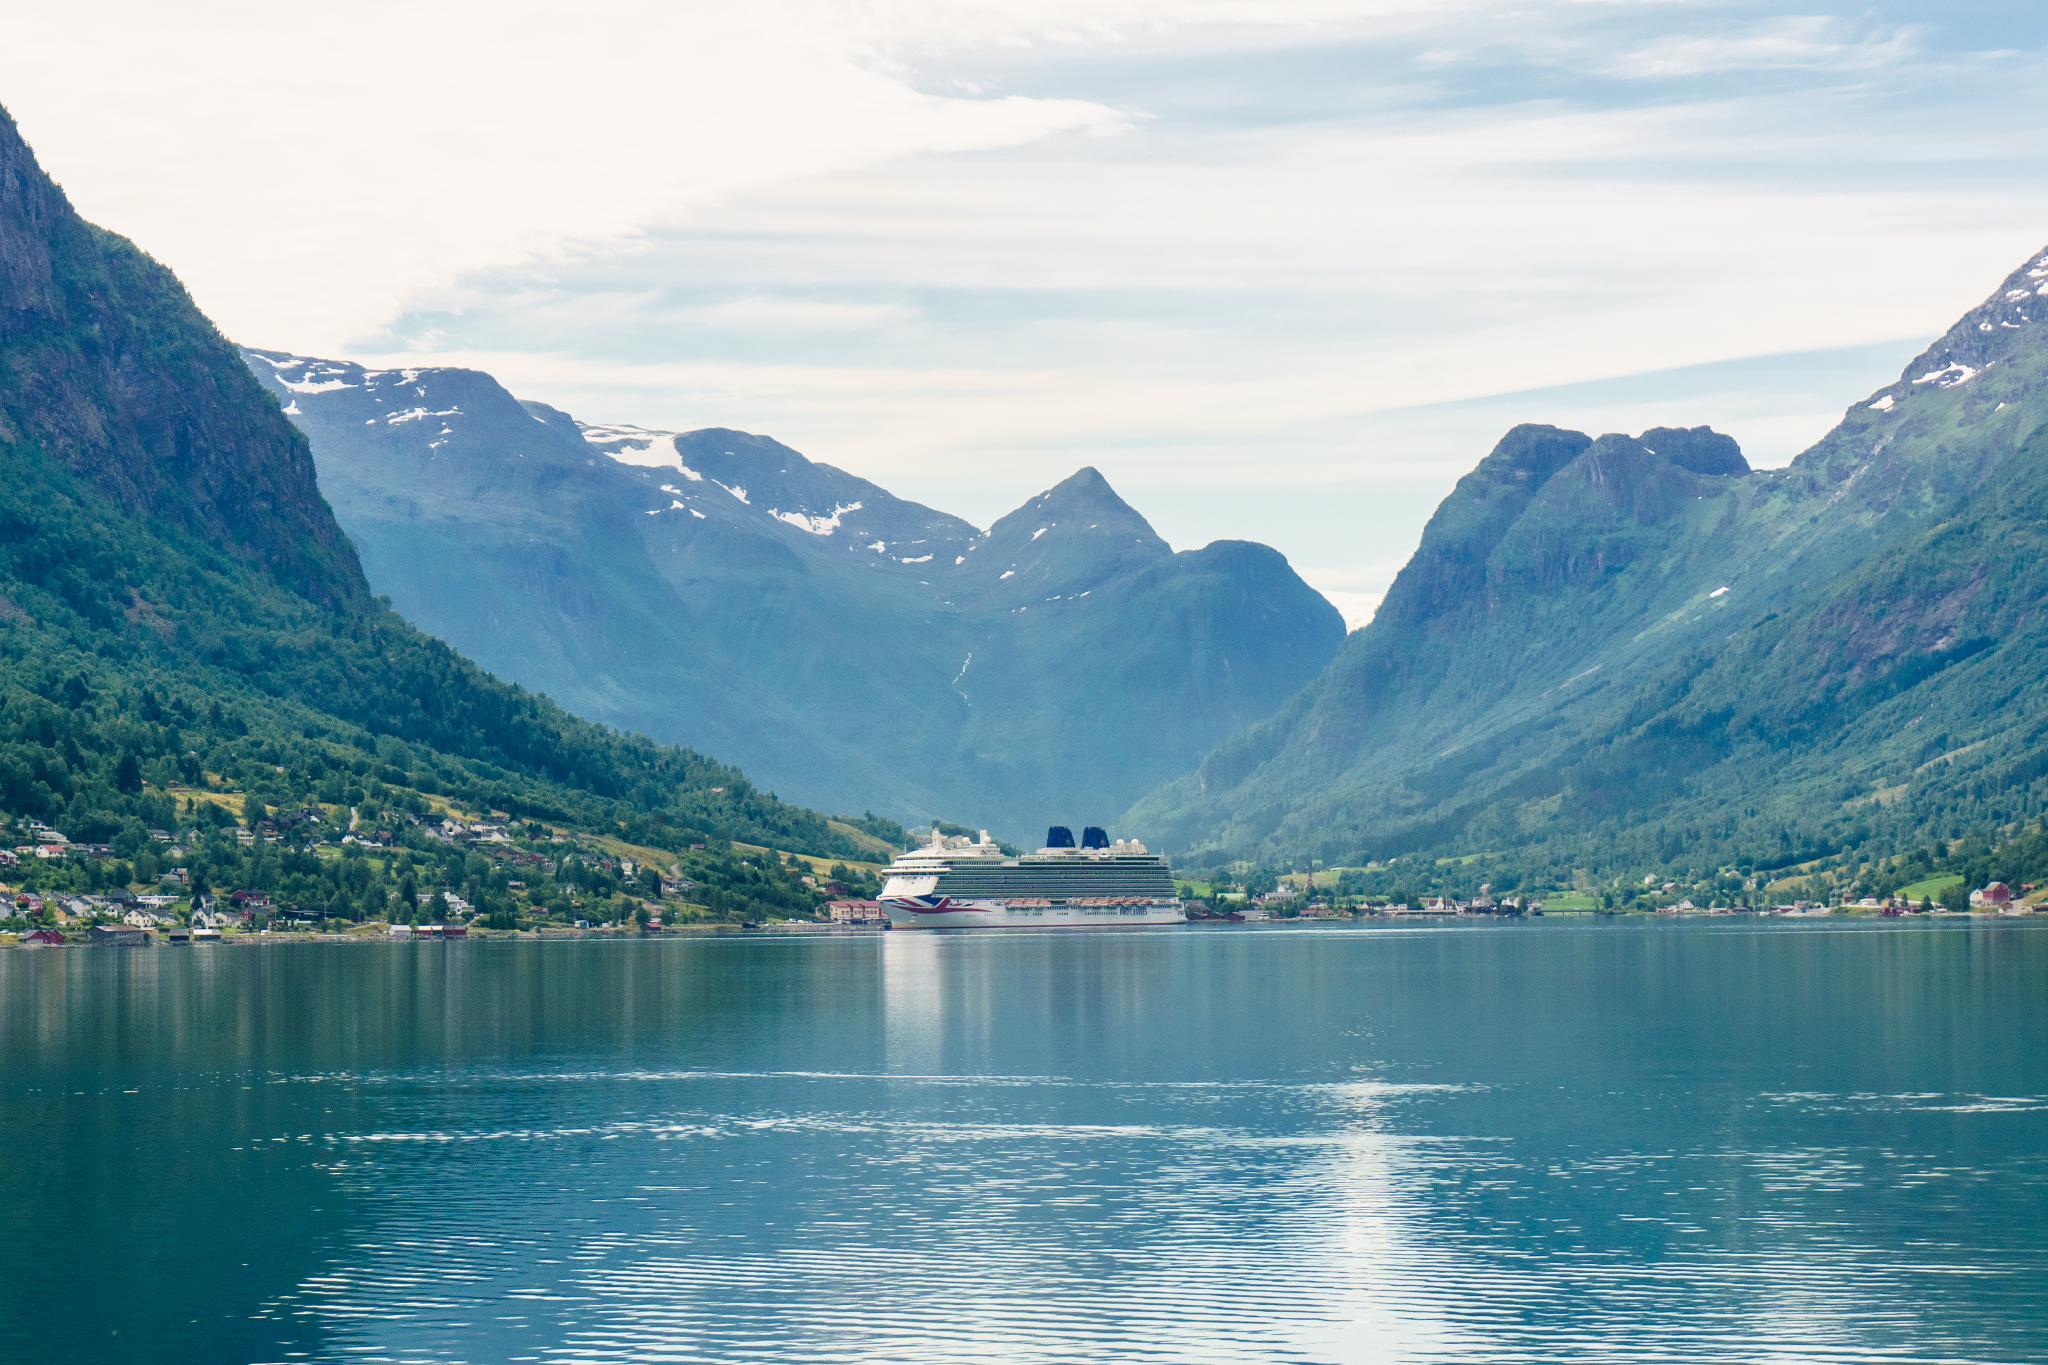 【北歐景點】穿越挪威的屋脊 - 前進北歐最美的冰原景觀公路 Fv55松恩山路 (Sognefjellet) 6